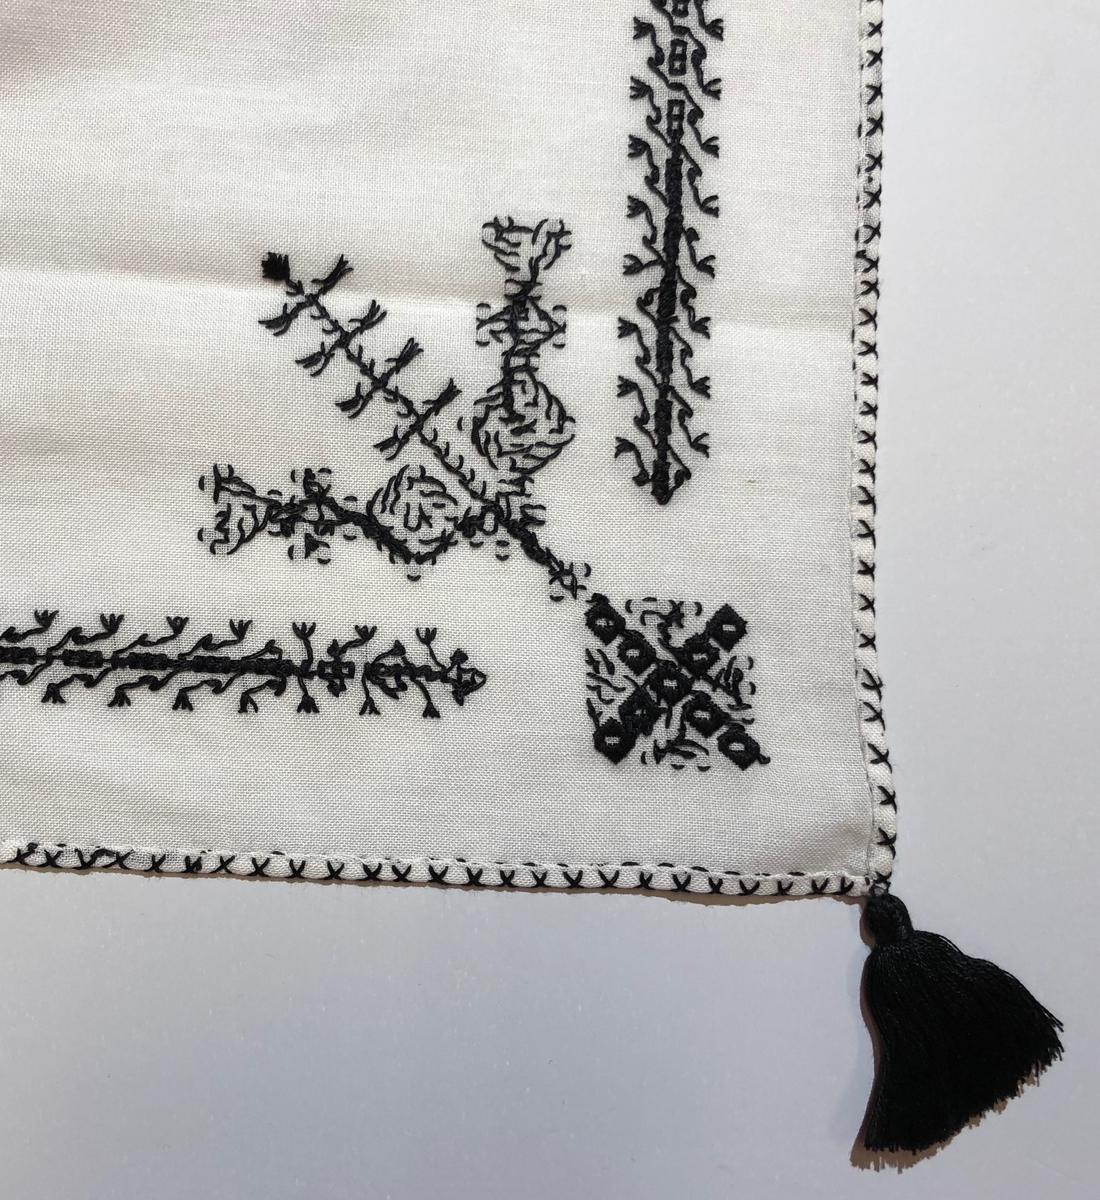 Halsklädet har ett enkelt broderi med en bård mellan ryggsnibb och framsnibbar. På ryggsnibben finns en fyrkant och en enkel dekoration. På framsnibbarna en halv fyrkant.